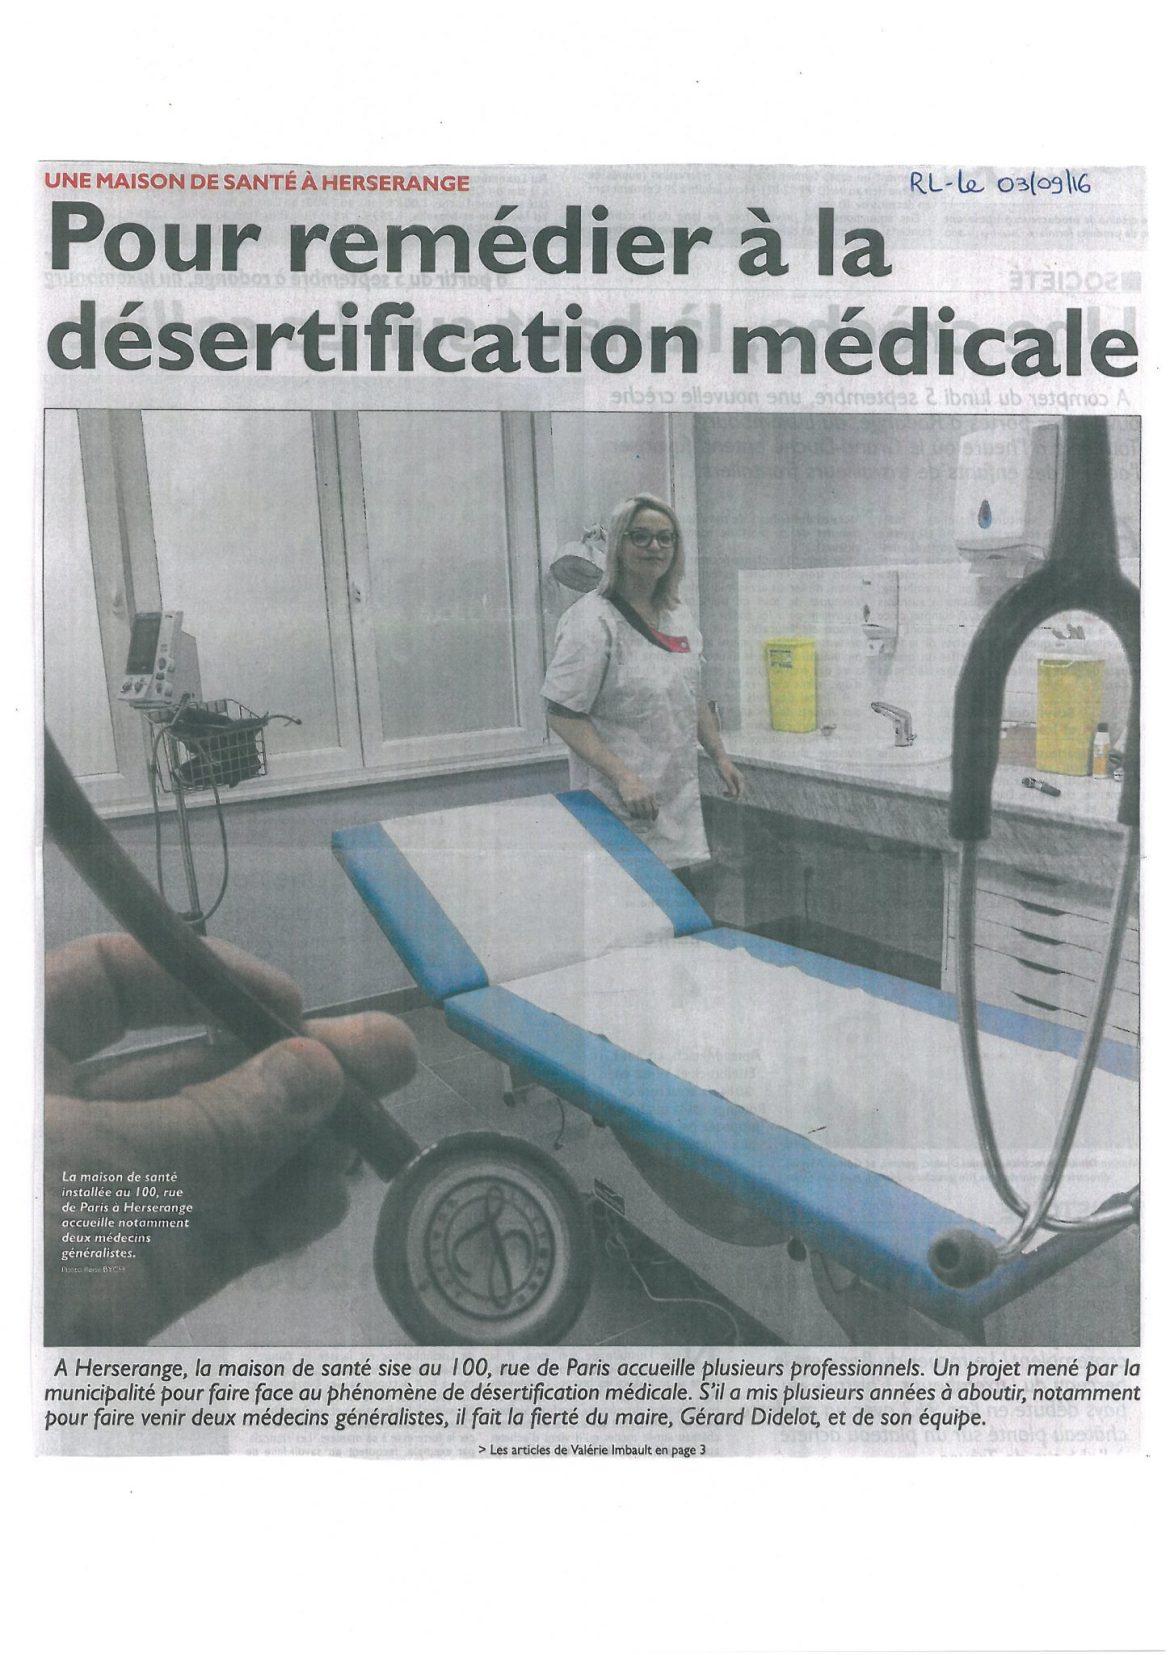 Pour remédier à la désertification médicale